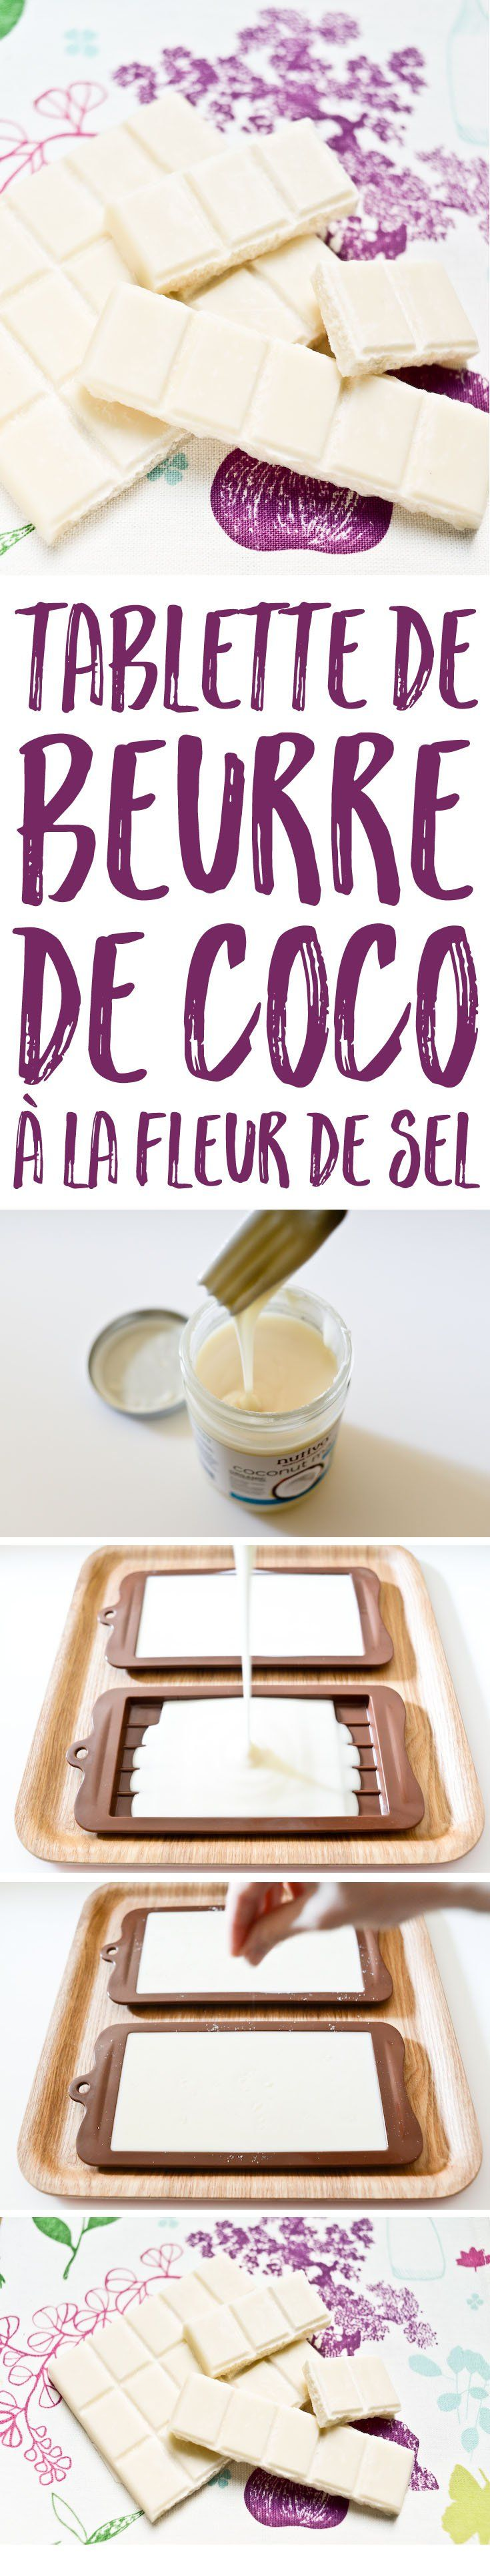 Pour un en-cas sain et satisfaisant, réalisez ces tablettes de beurre de coco super simples et délicieuses, et aromatisez-les selon votre goût !